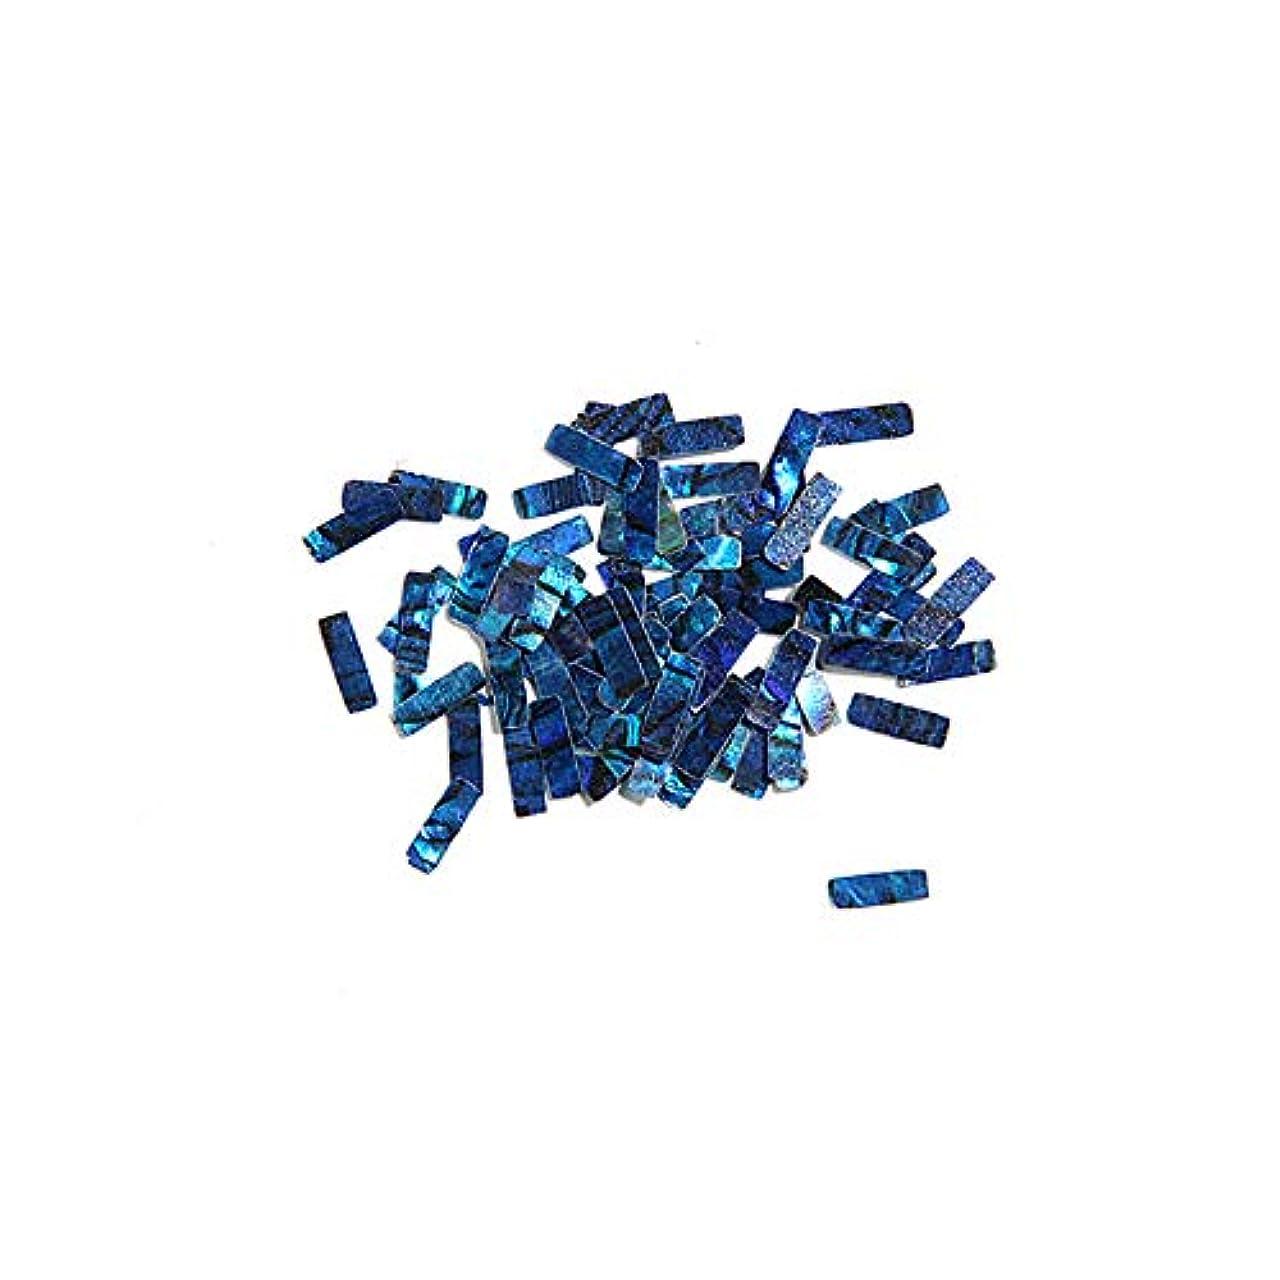 高音で出来ている流暢Snner ネイル グリッター ラメ キラキラ ラメパウダー ネイルアートパーツ レジン用 ジェルネイル おしゃれ プレゼント ネイル用装飾 彩られる ネイルステッカー (YH53-02)